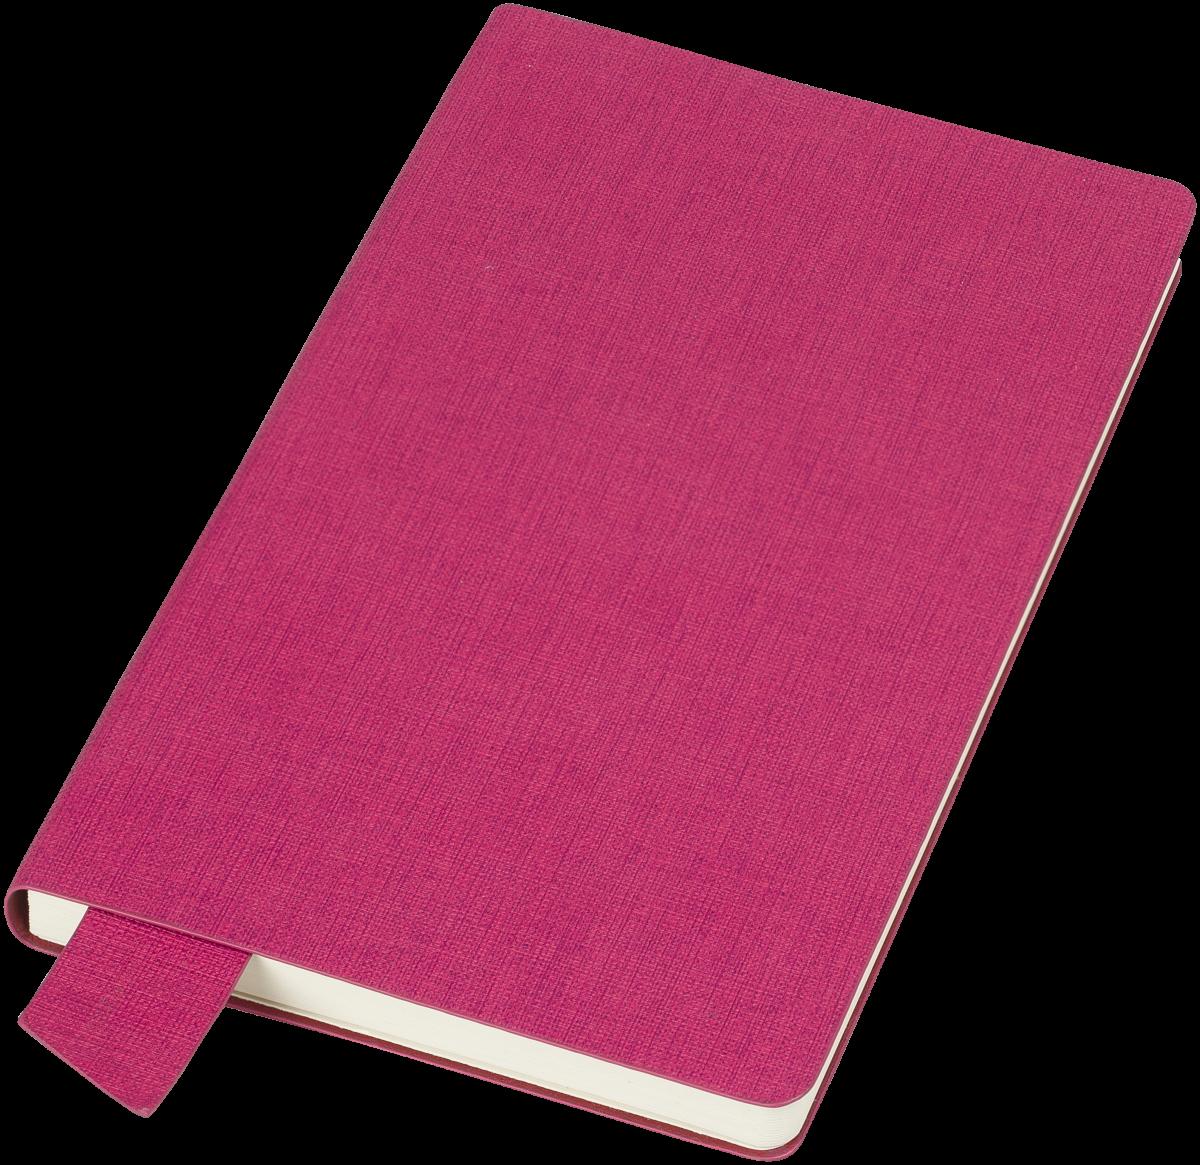 розовый бизнес-блокнот Provеnce